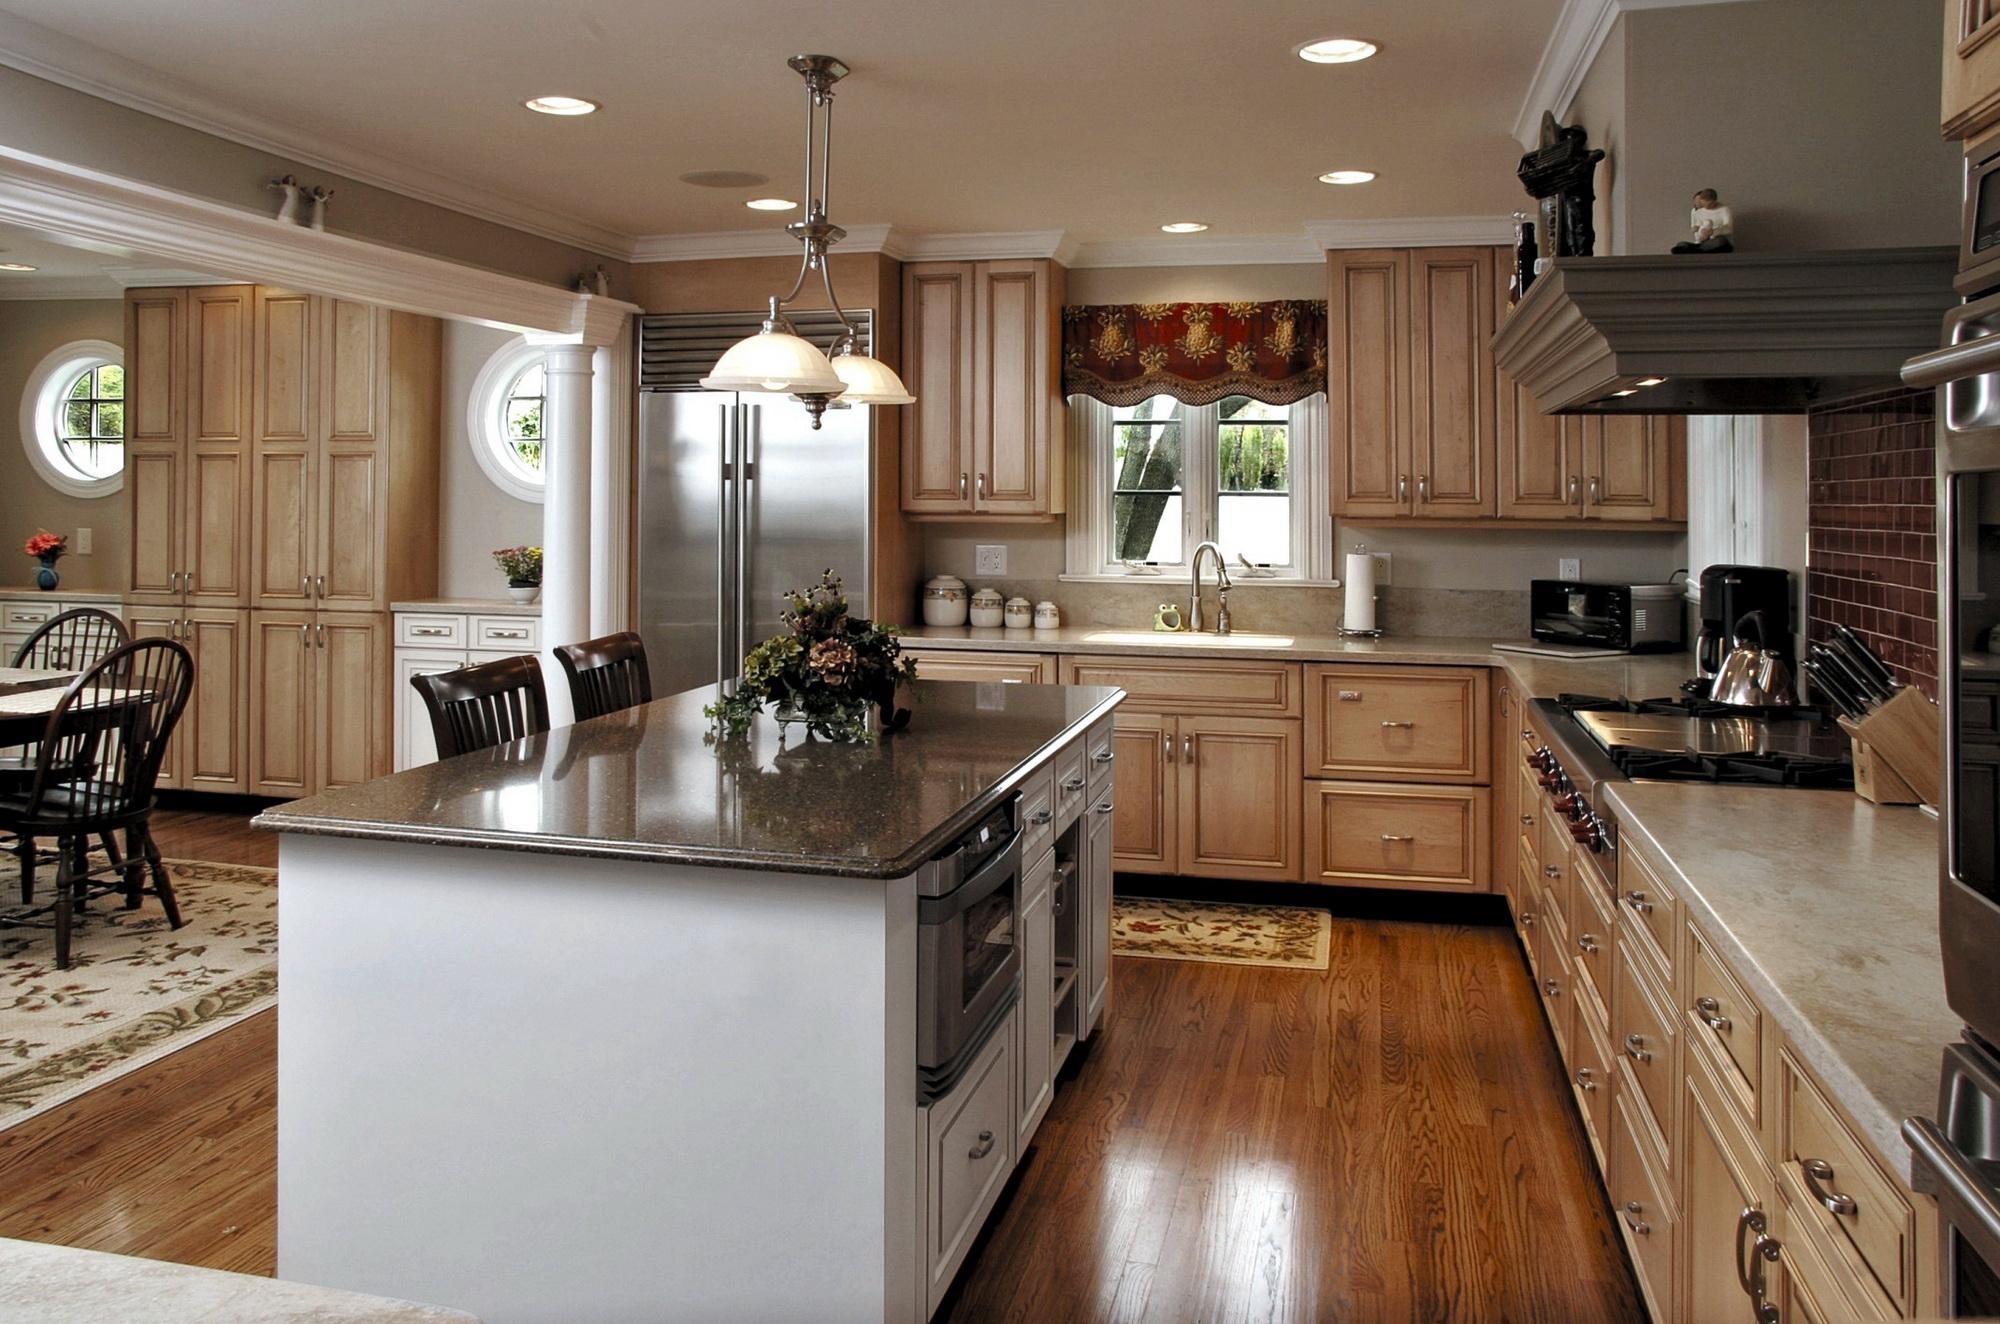 fonds d 39 ecran am nagement d 39 int rieur table cuisine. Black Bedroom Furniture Sets. Home Design Ideas